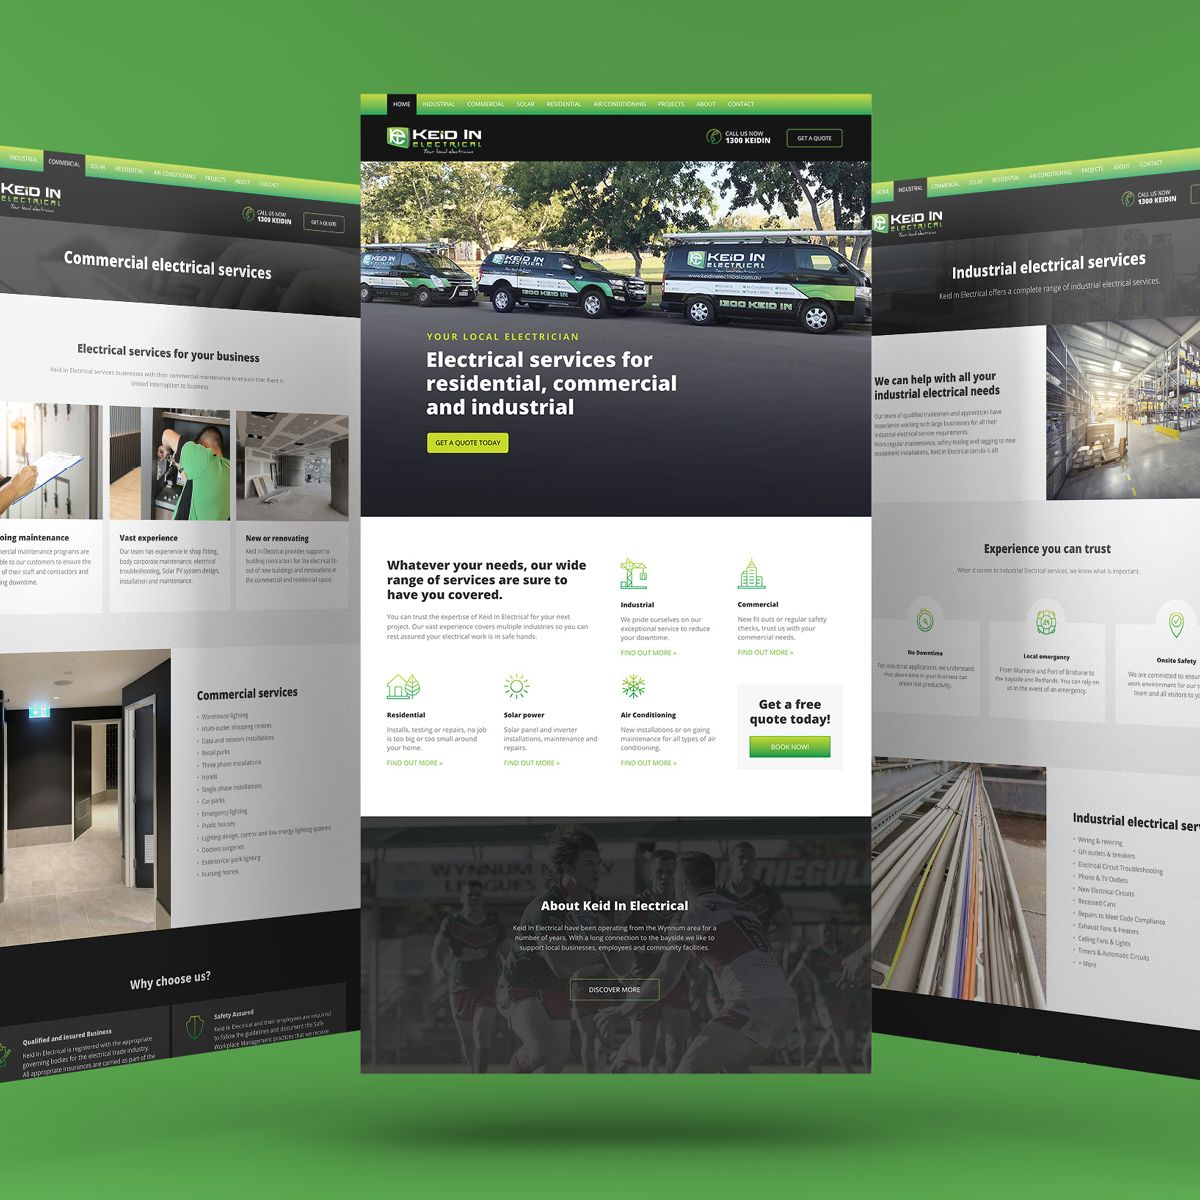 Keid-In-Electrical-website-screens